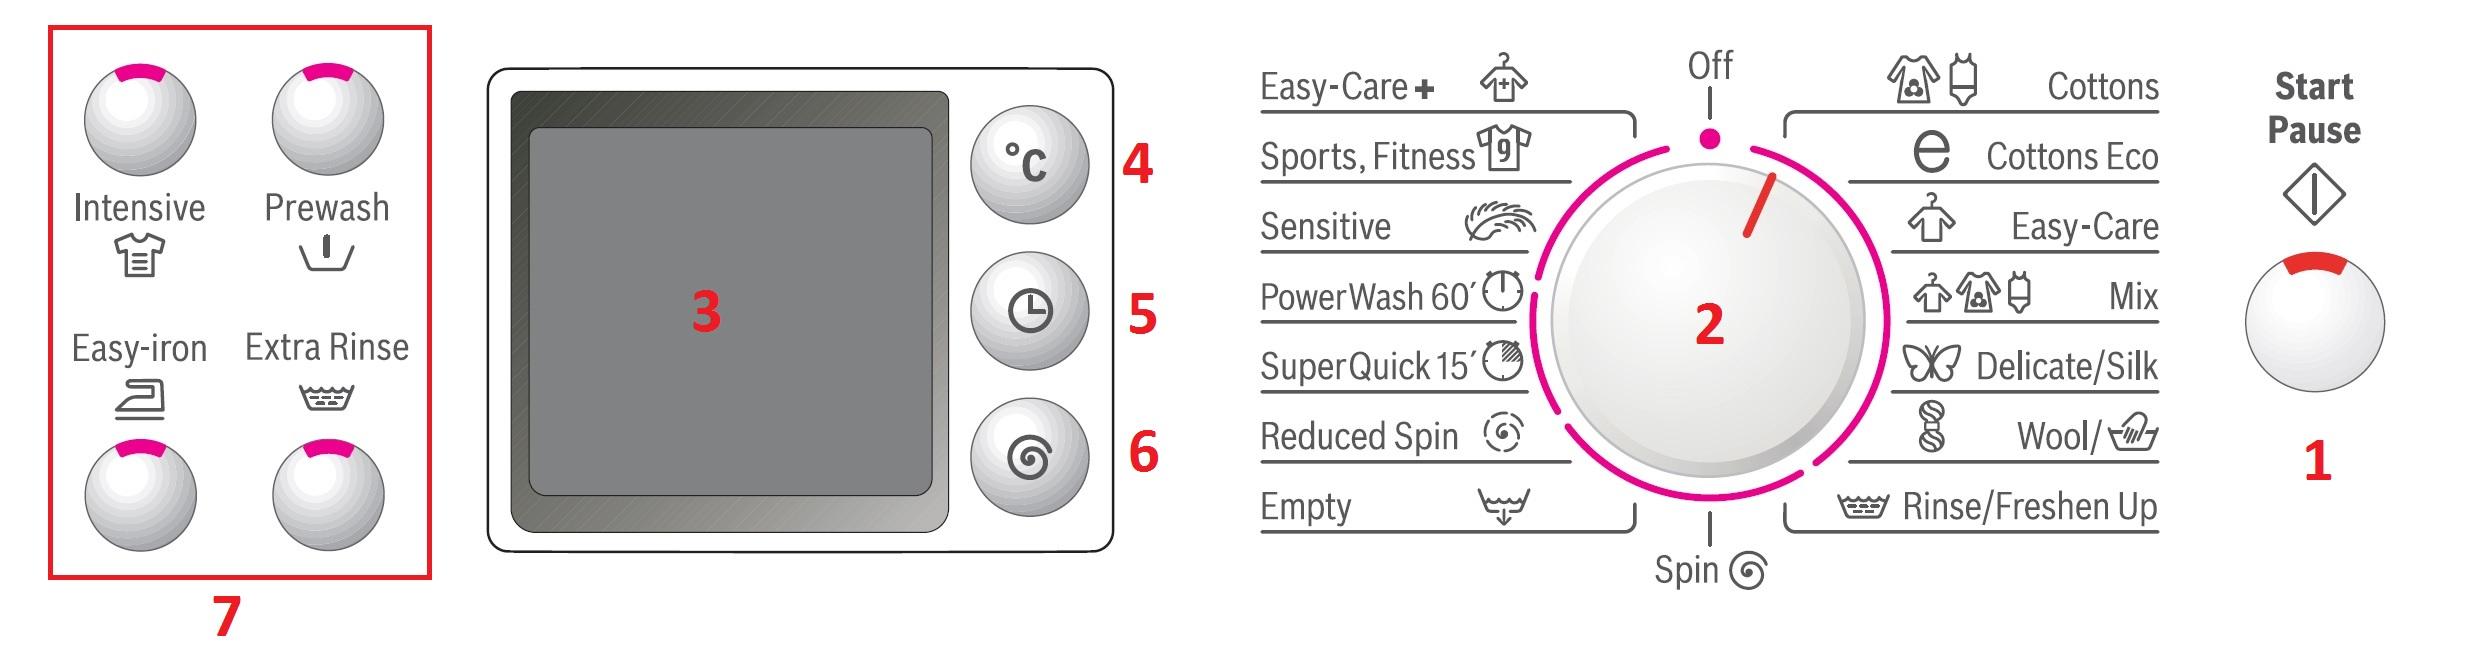 دکمه های روی ماشین لباسشویی بوش پنل سوم